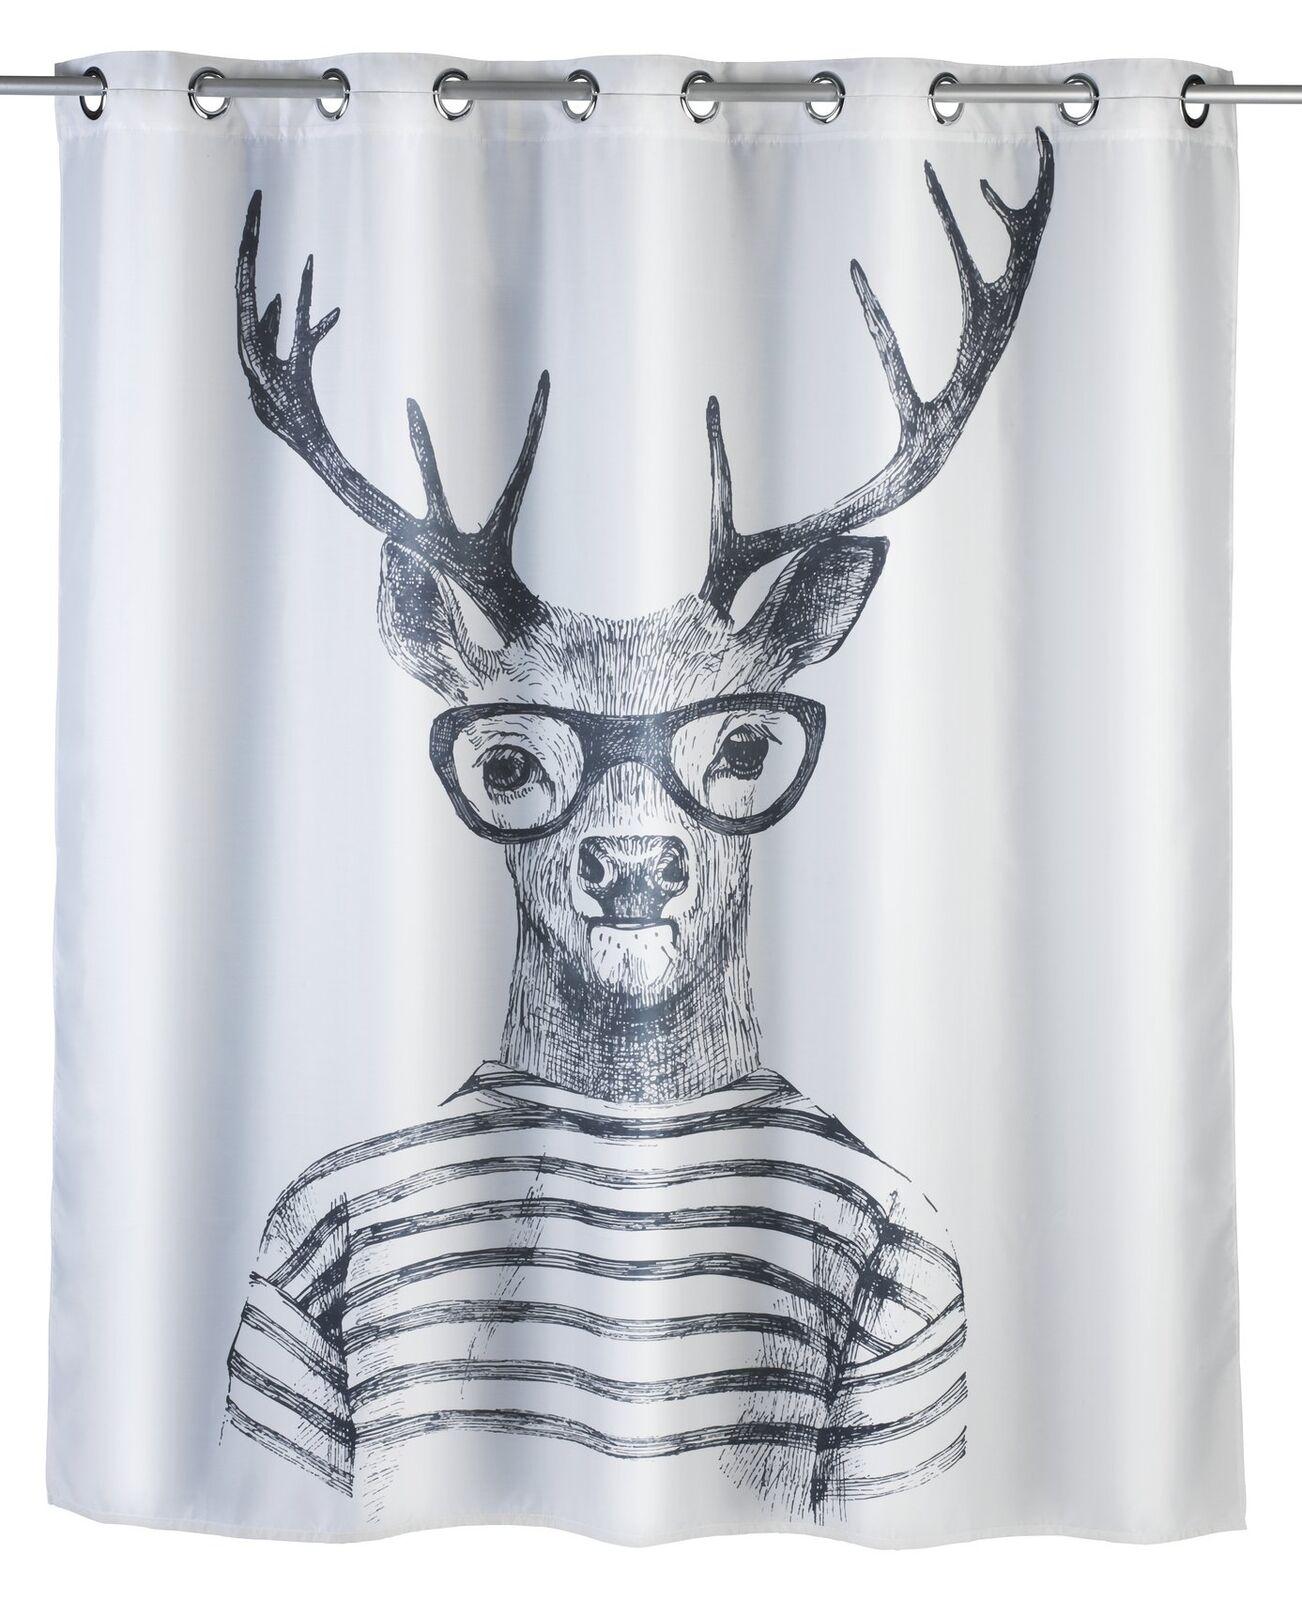 Wenko Wenko Wenko  Comfort flex - Mr. Deer  Shower Curtain, Multi-Colourot, 180 x 200 x 1 cm 3e18a8